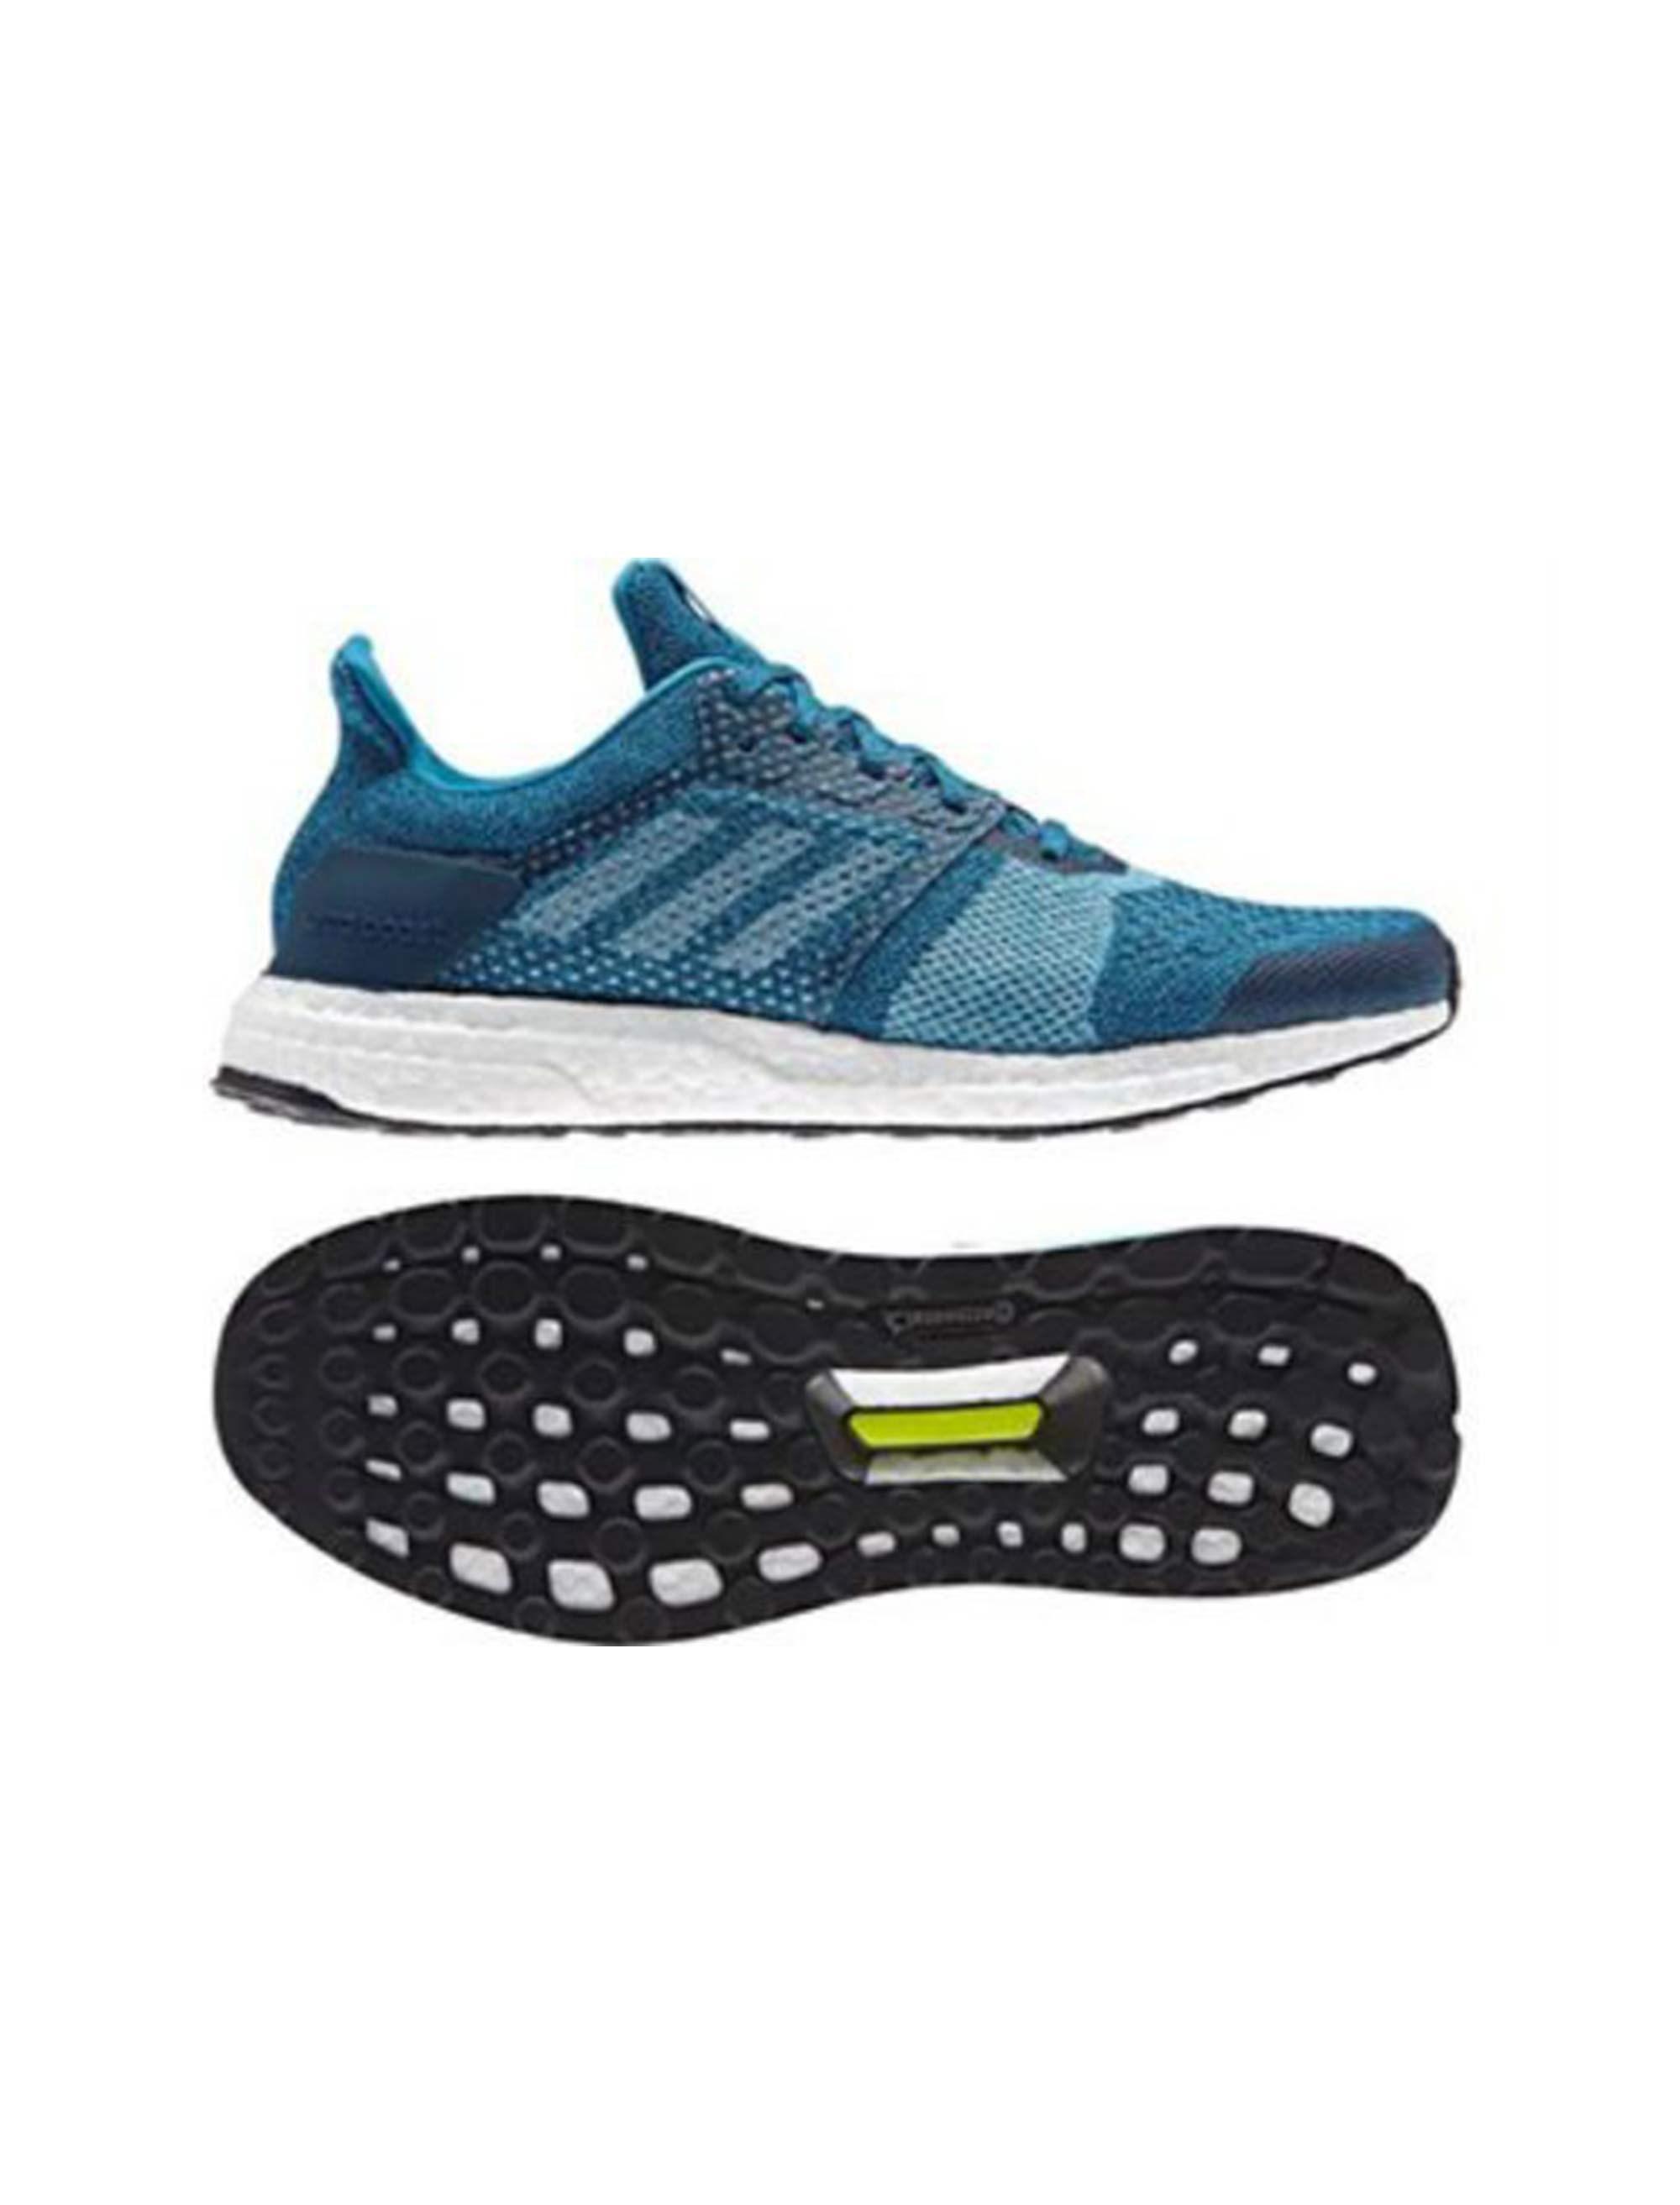 کفش مخصوص دویدن مردانه آدیداس مدل UltraBOOST ST